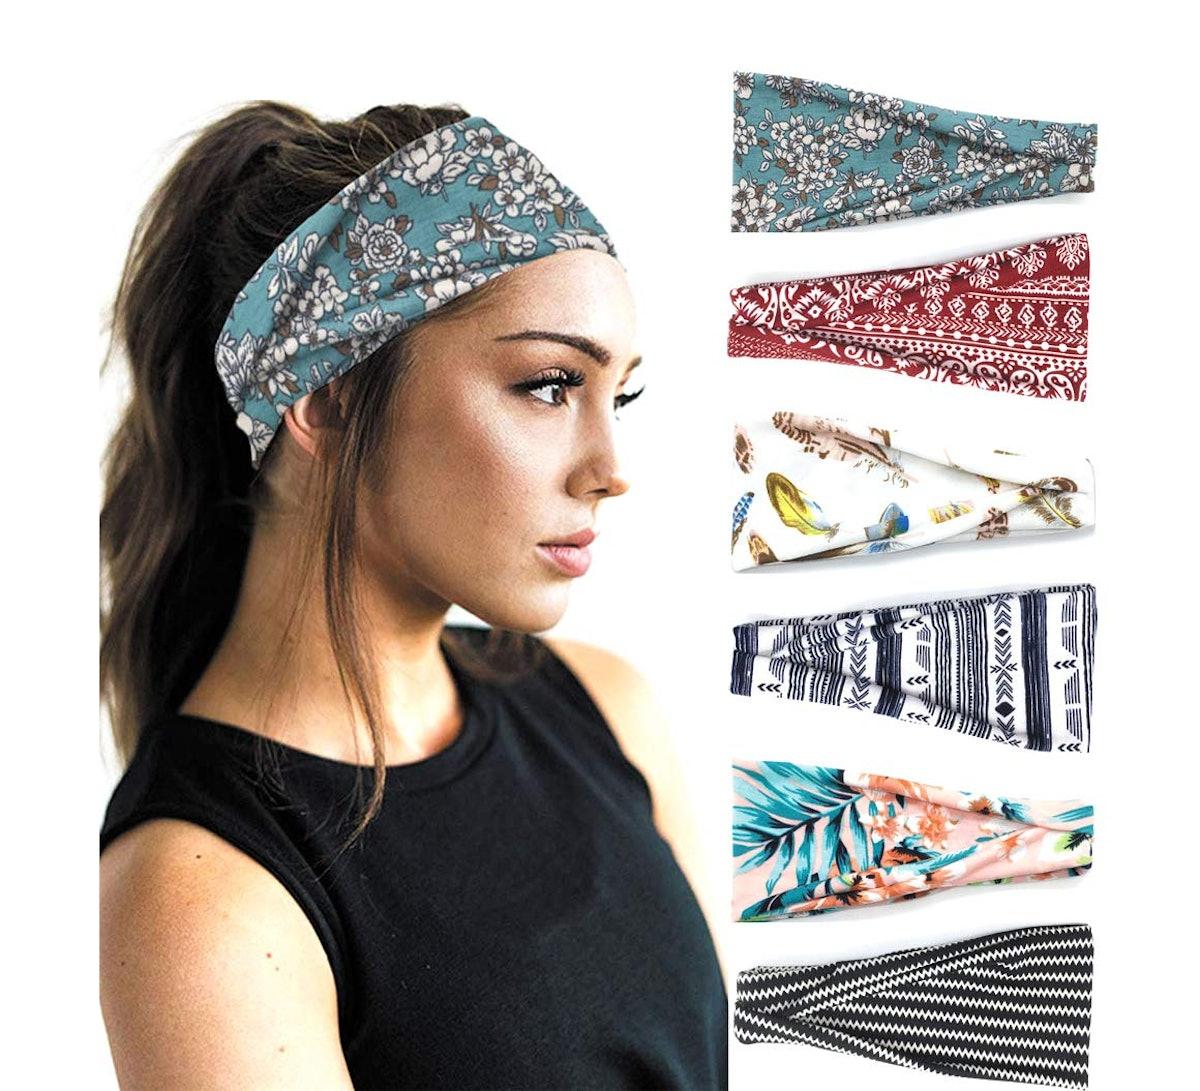 PLOVZ Workout Headbands (6 Pack)